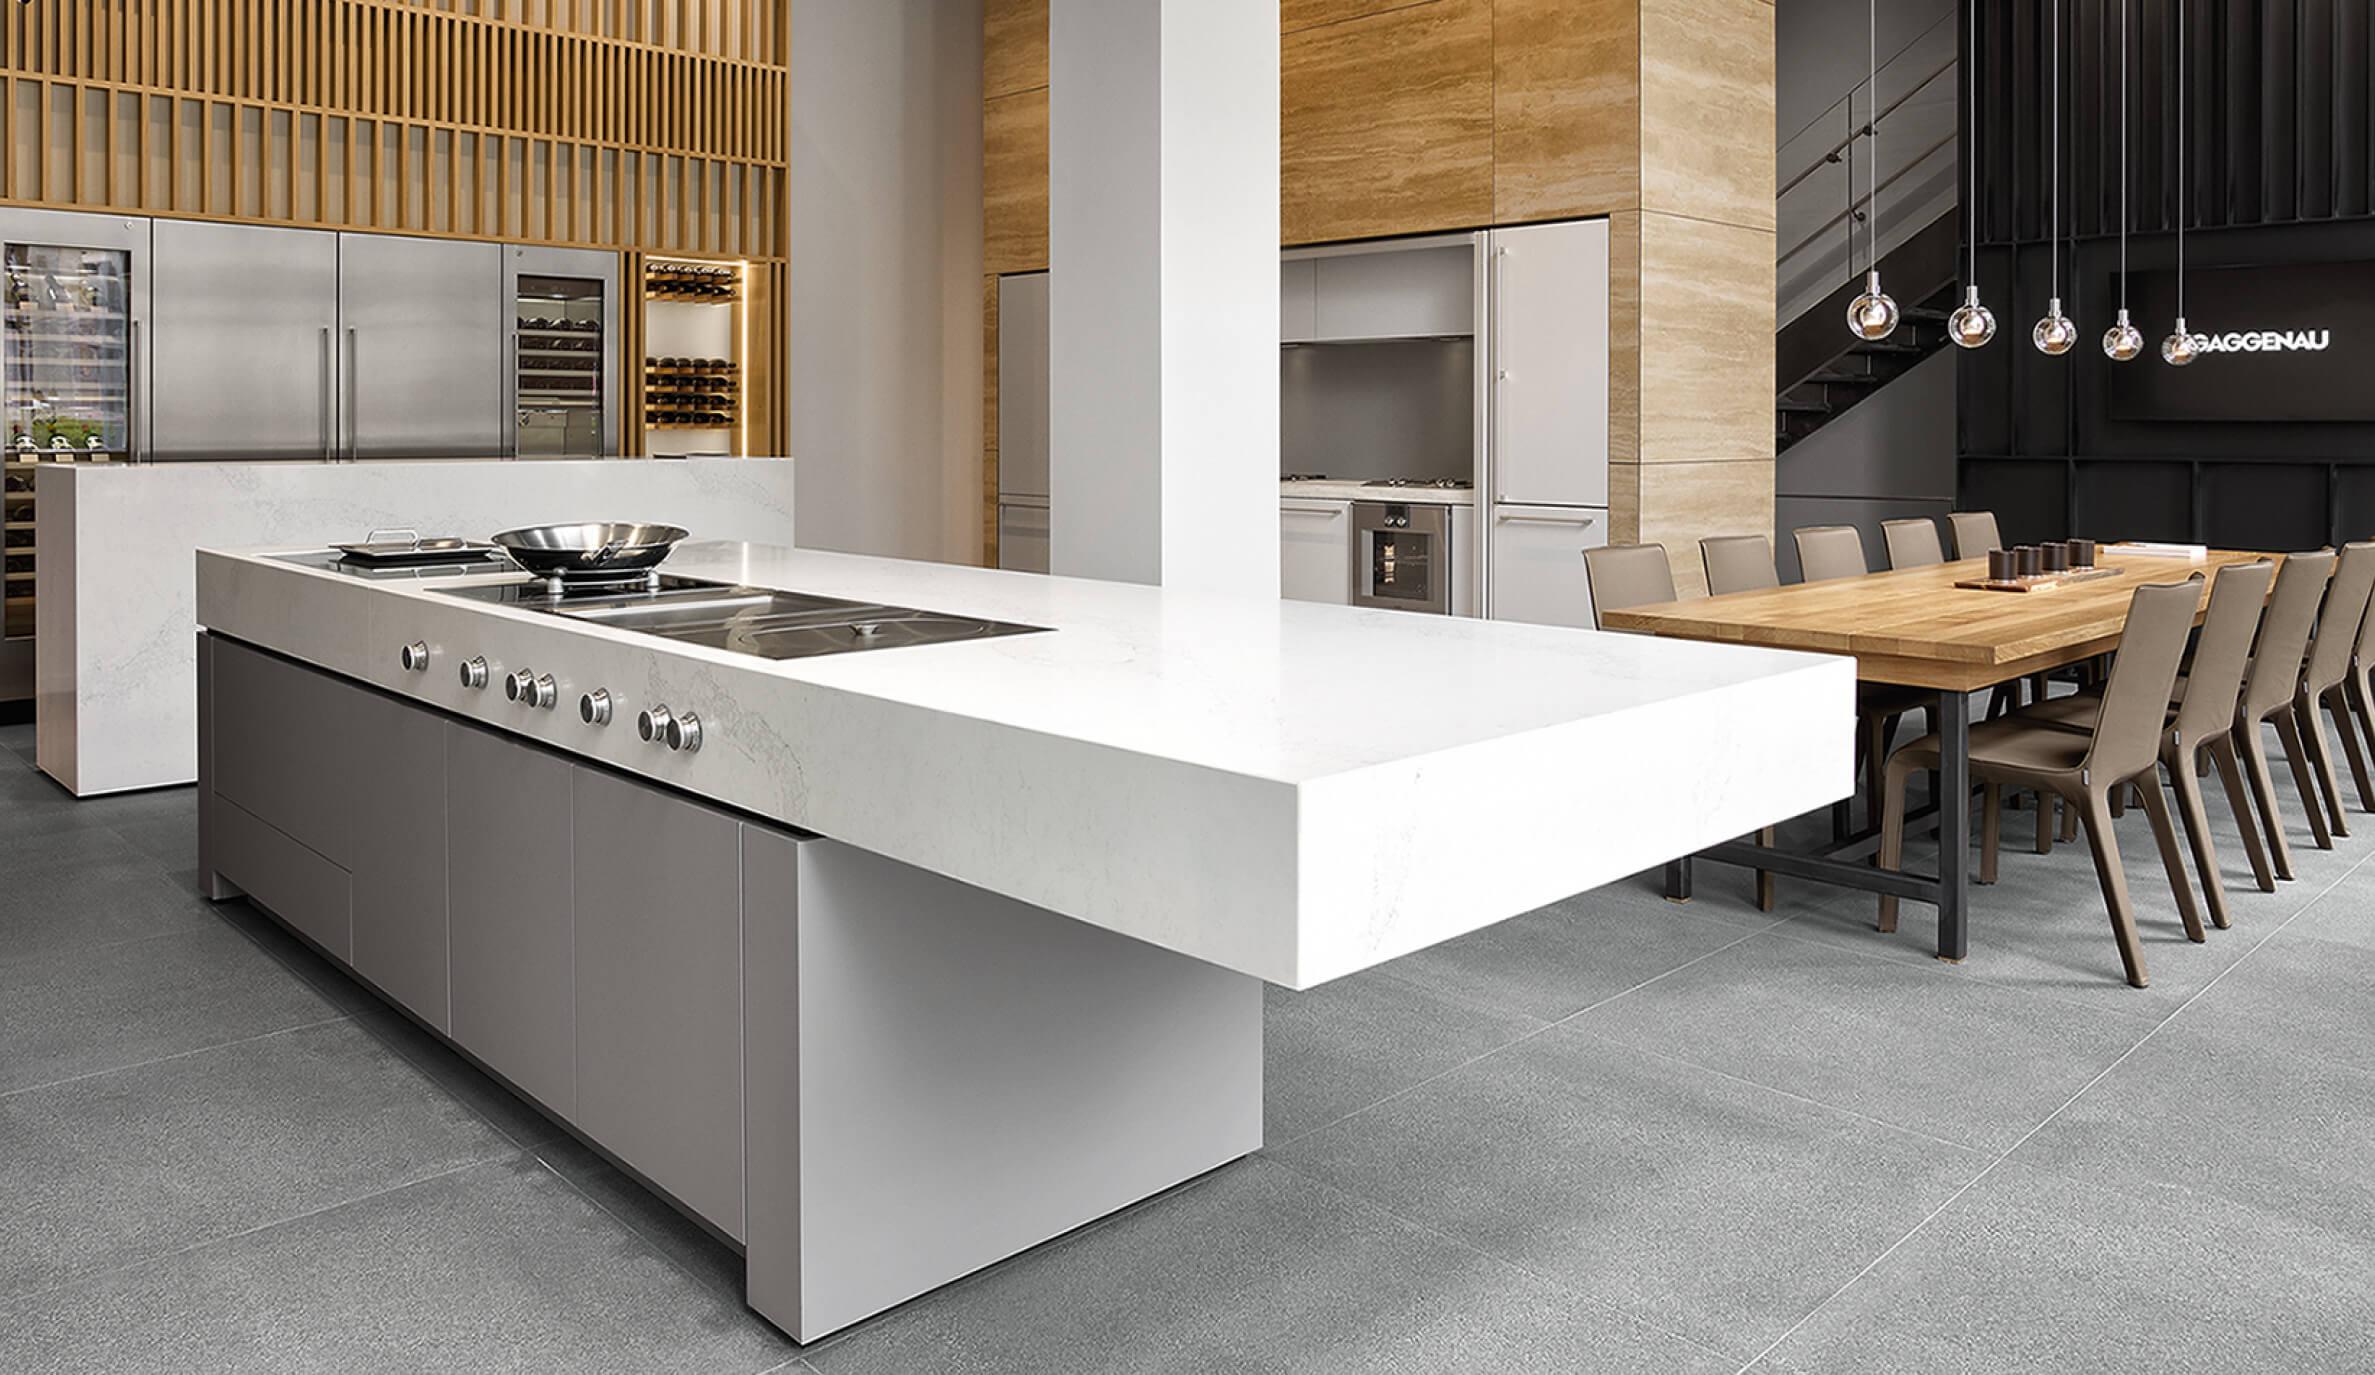 Beste Designer Küche Und Bad Magazin Galerie - Ideen Für Die Küche ...